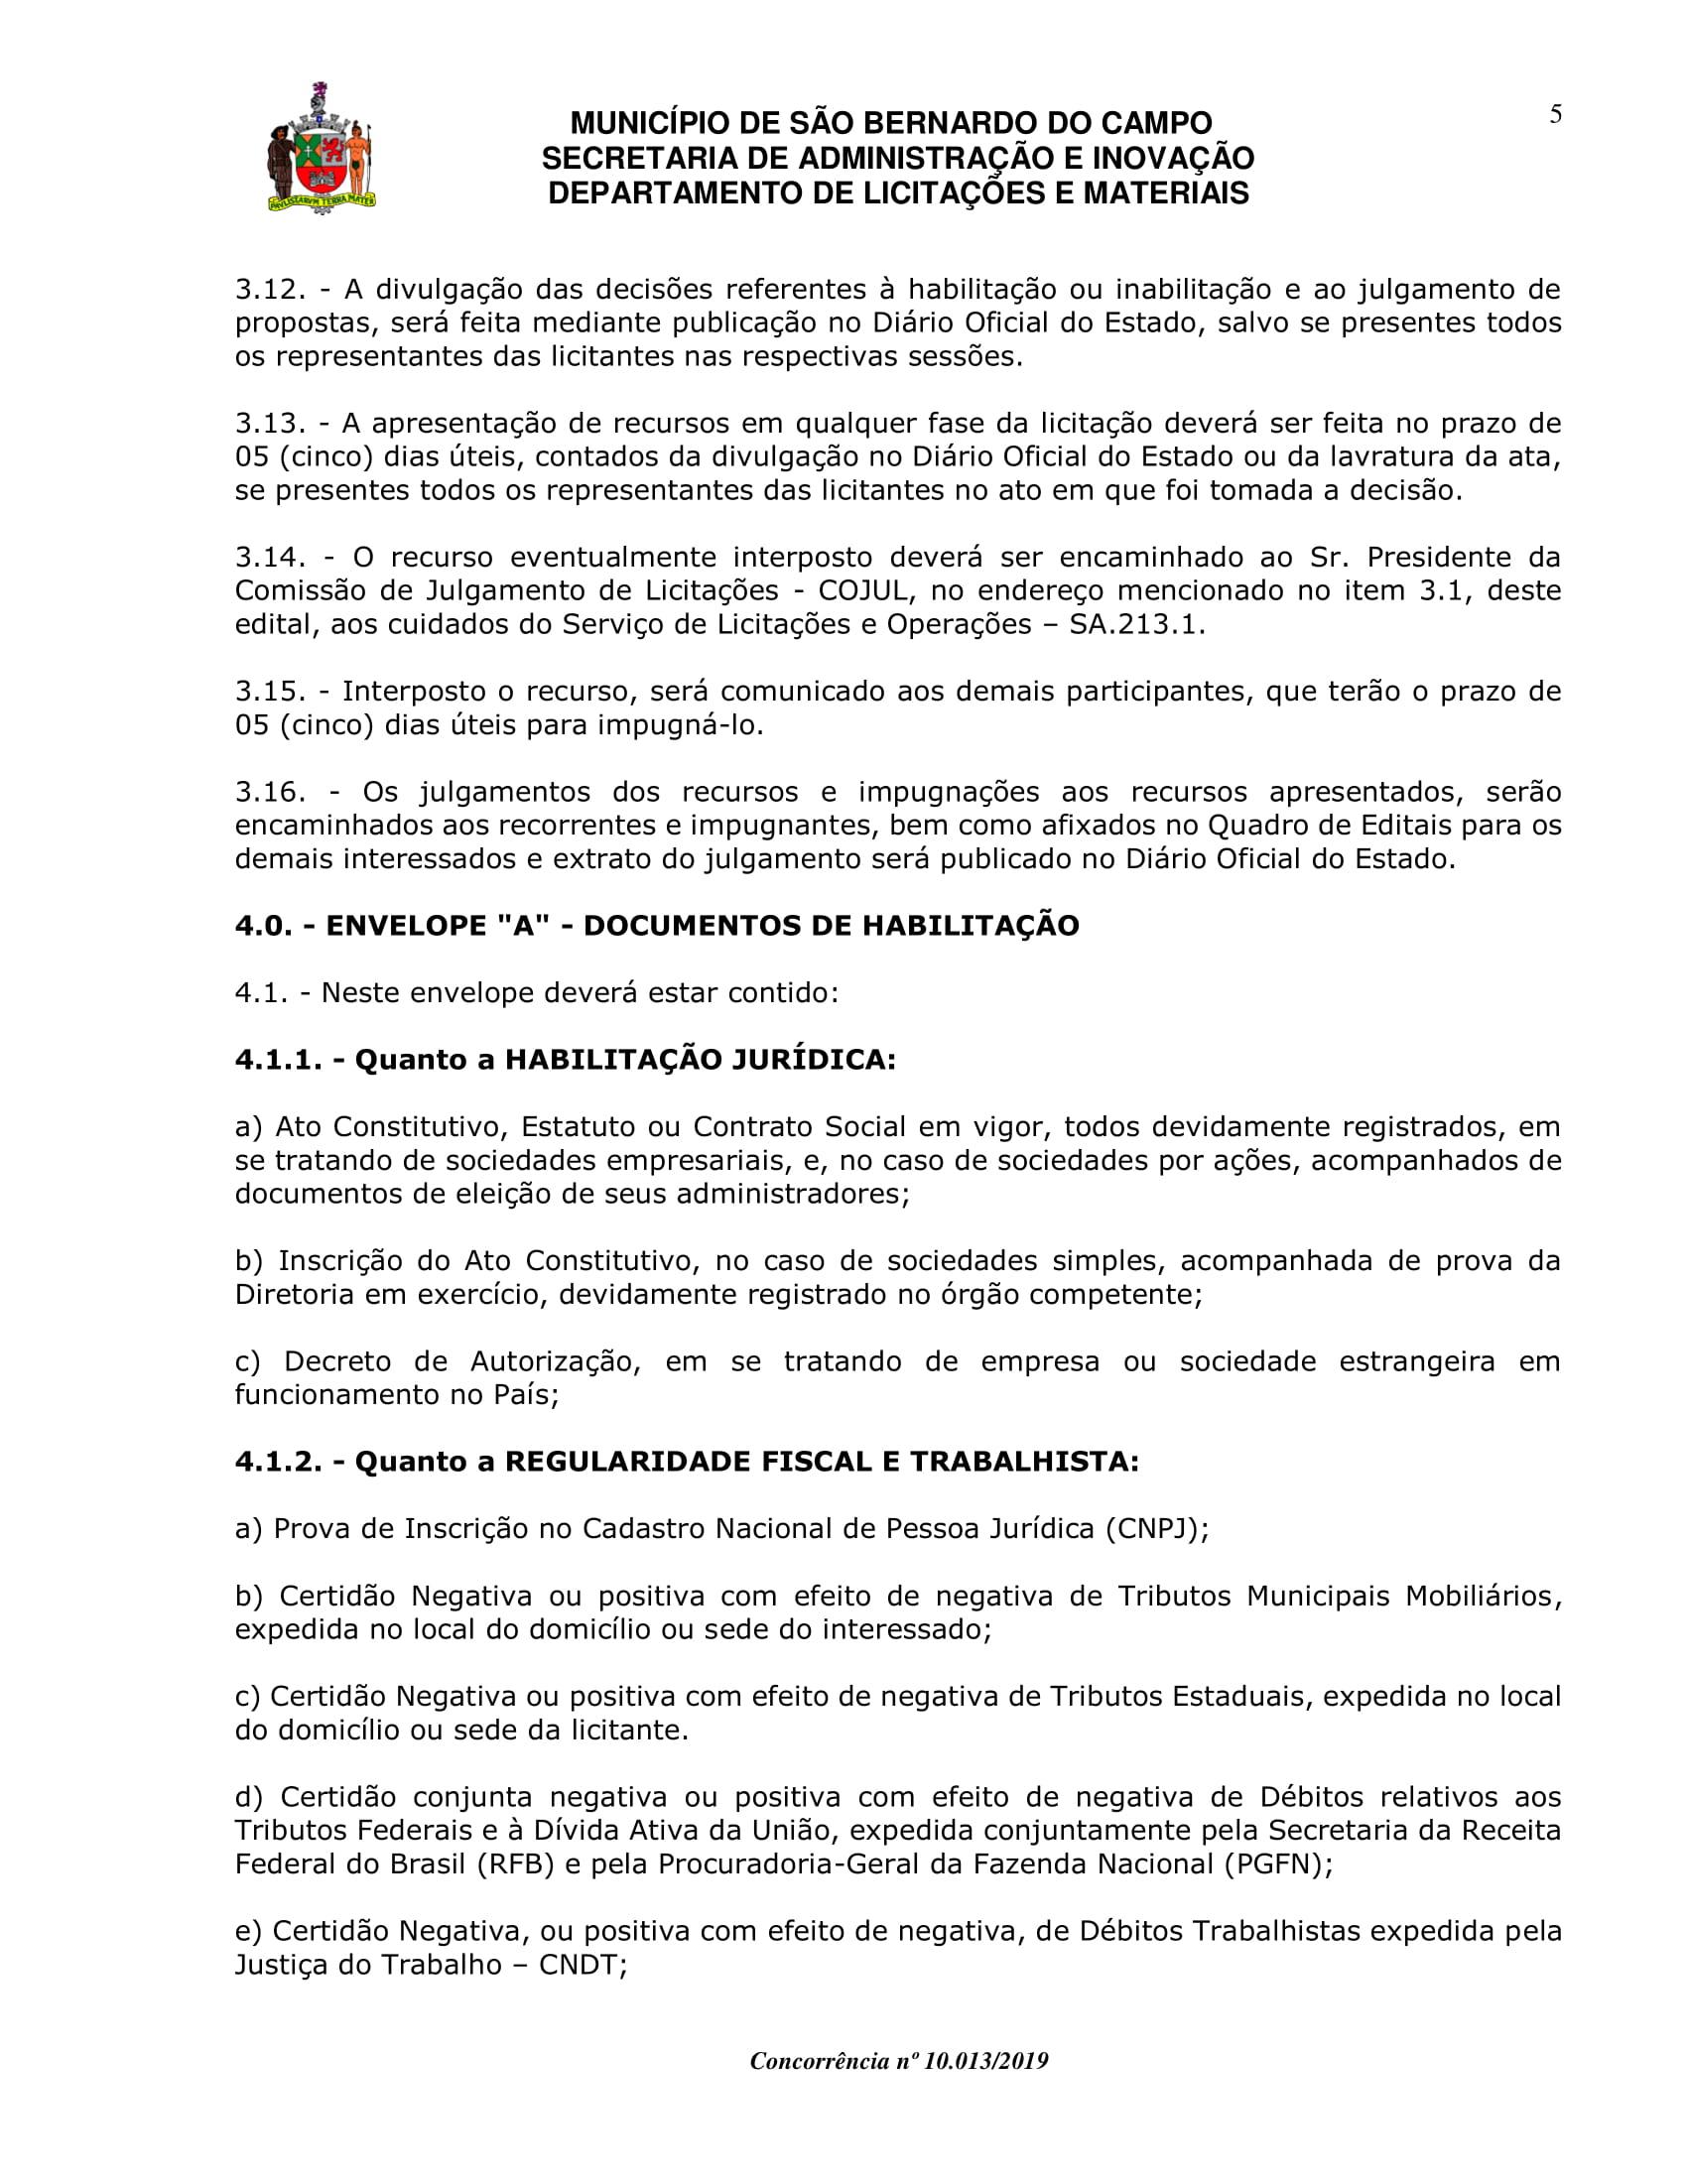 CP.10.013-19 edital-05